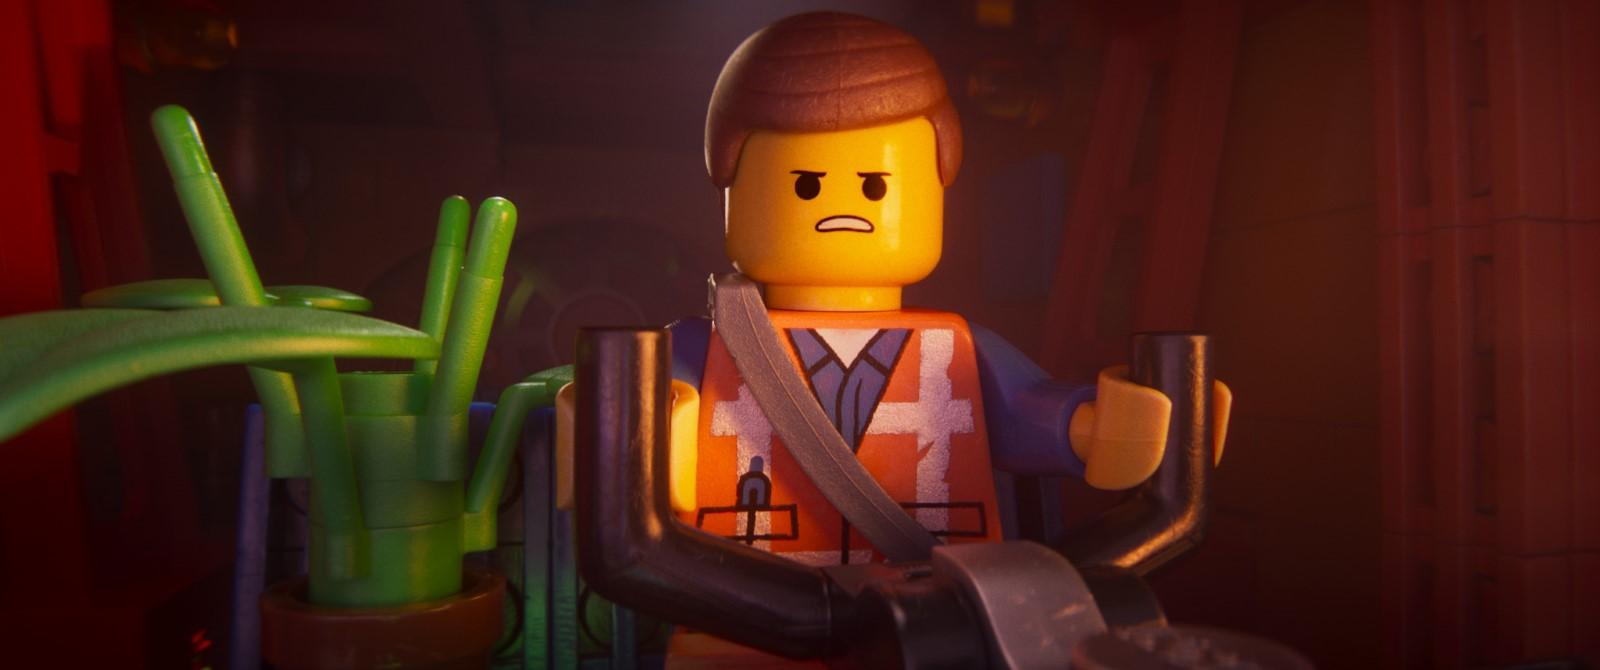 La Grande Aventure Lego 2 DVDRip VF